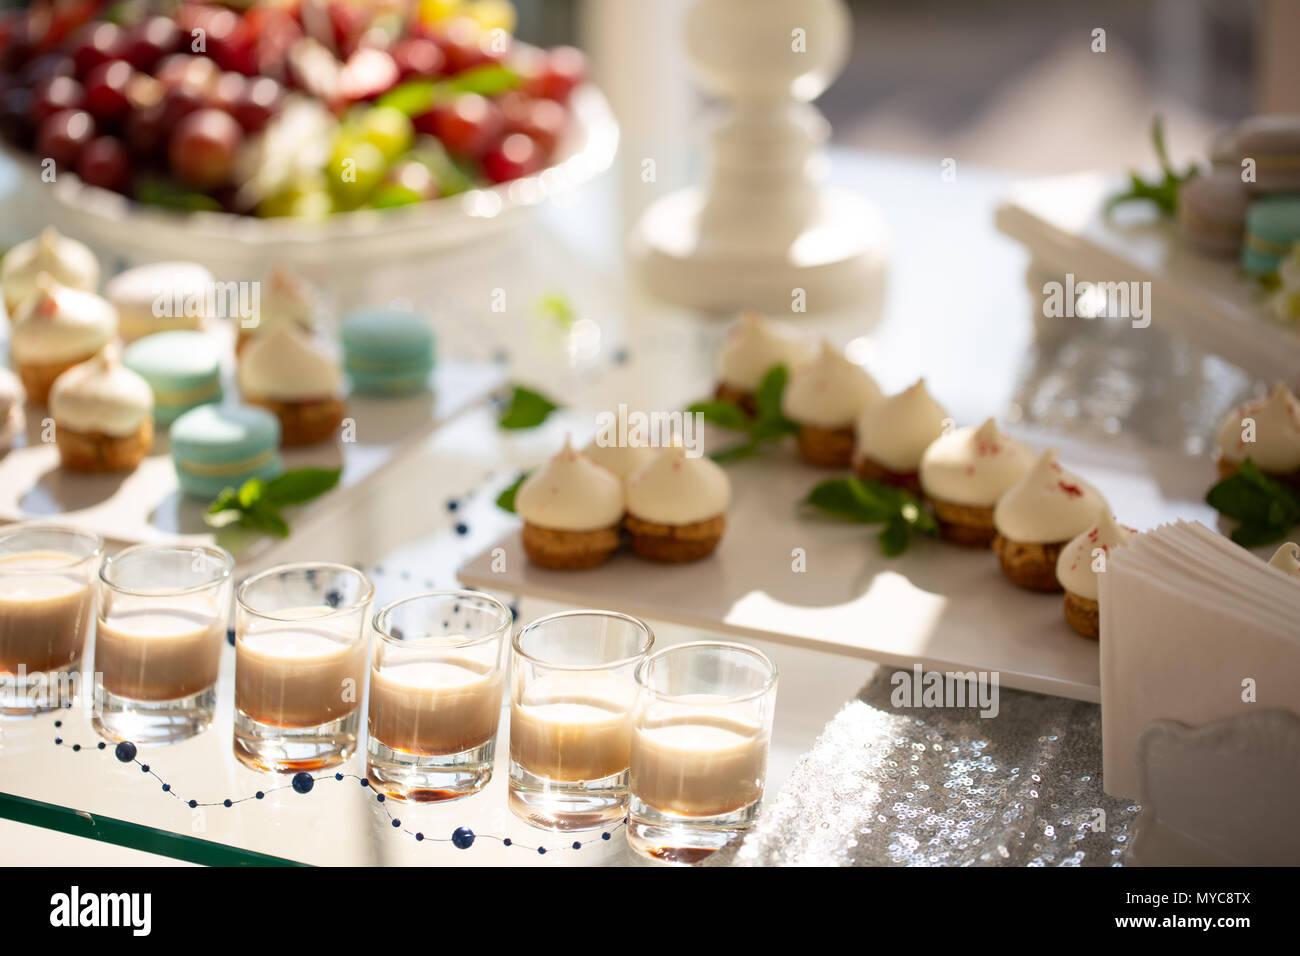 Baileys Liqueur In Glass On Festive Table Bar Alcohol Cocktail Menu